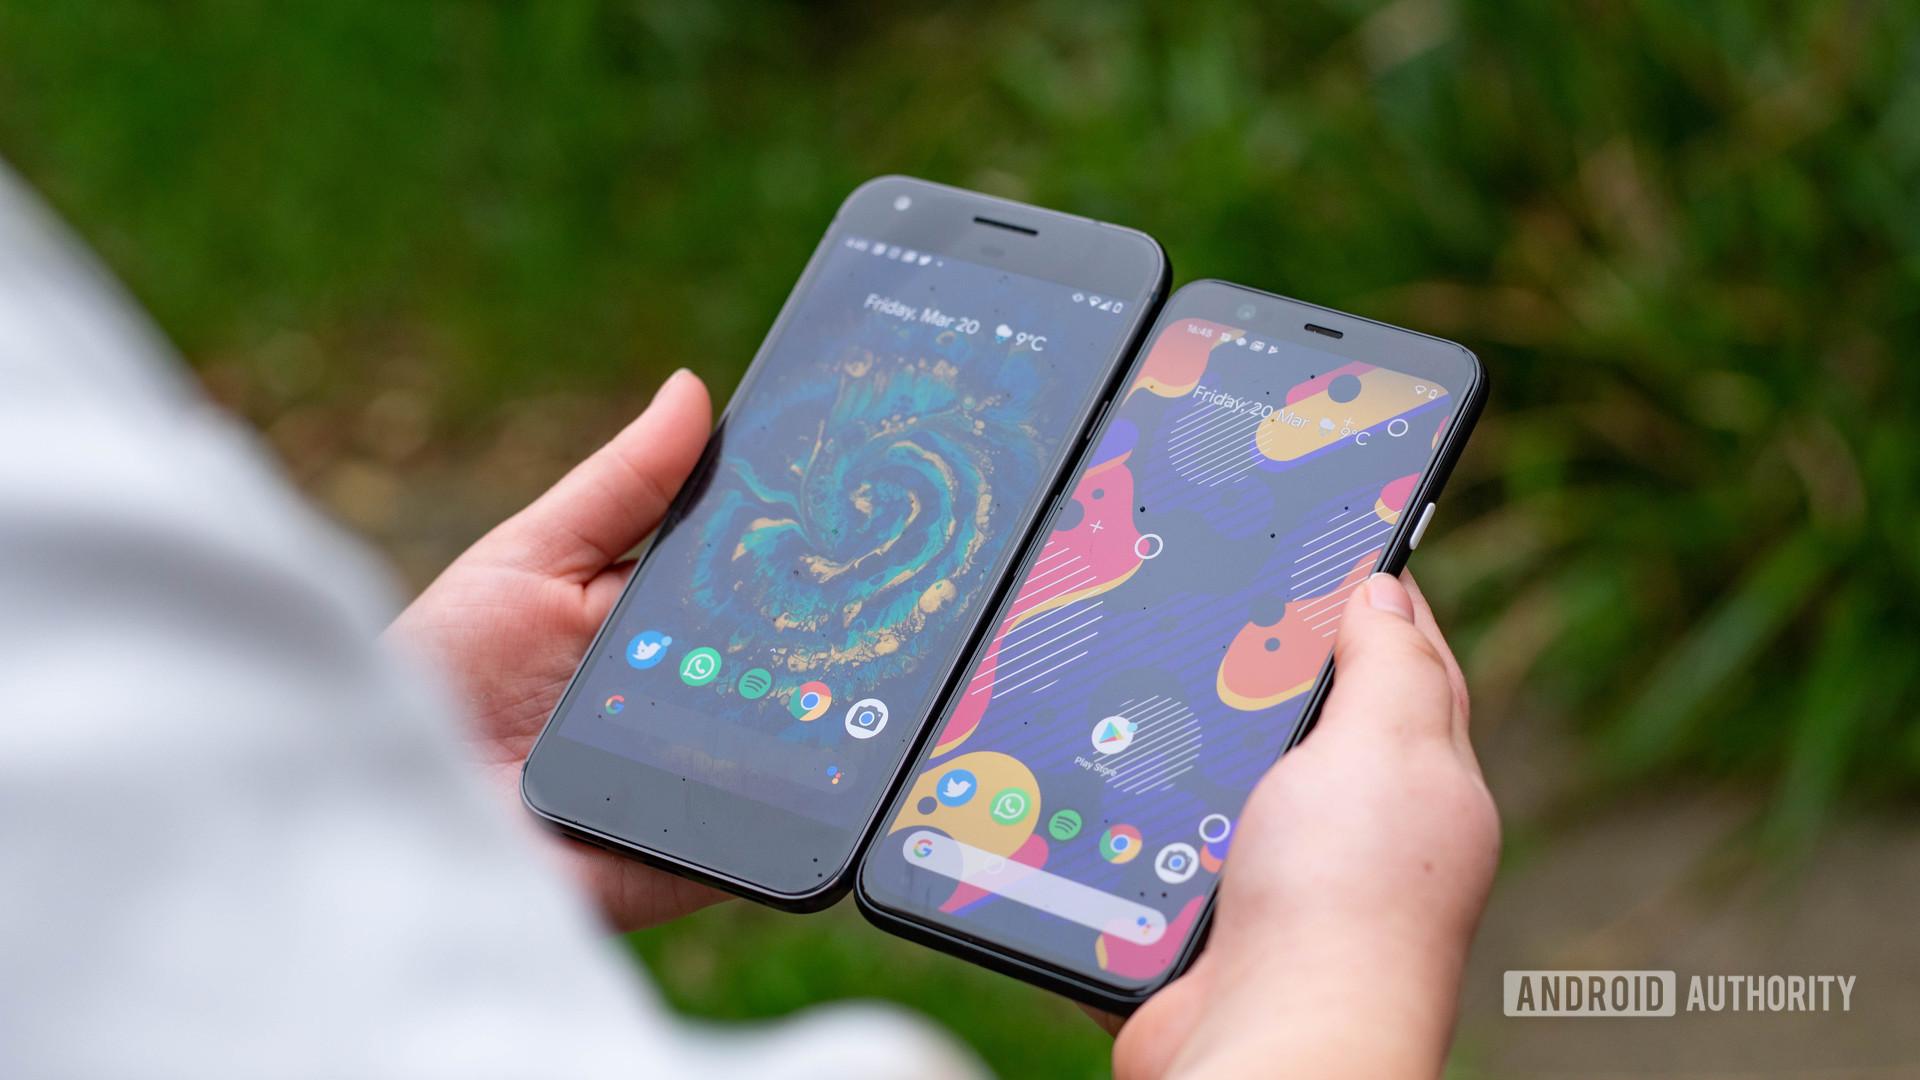 Pixel 1 next to the Pixel 4